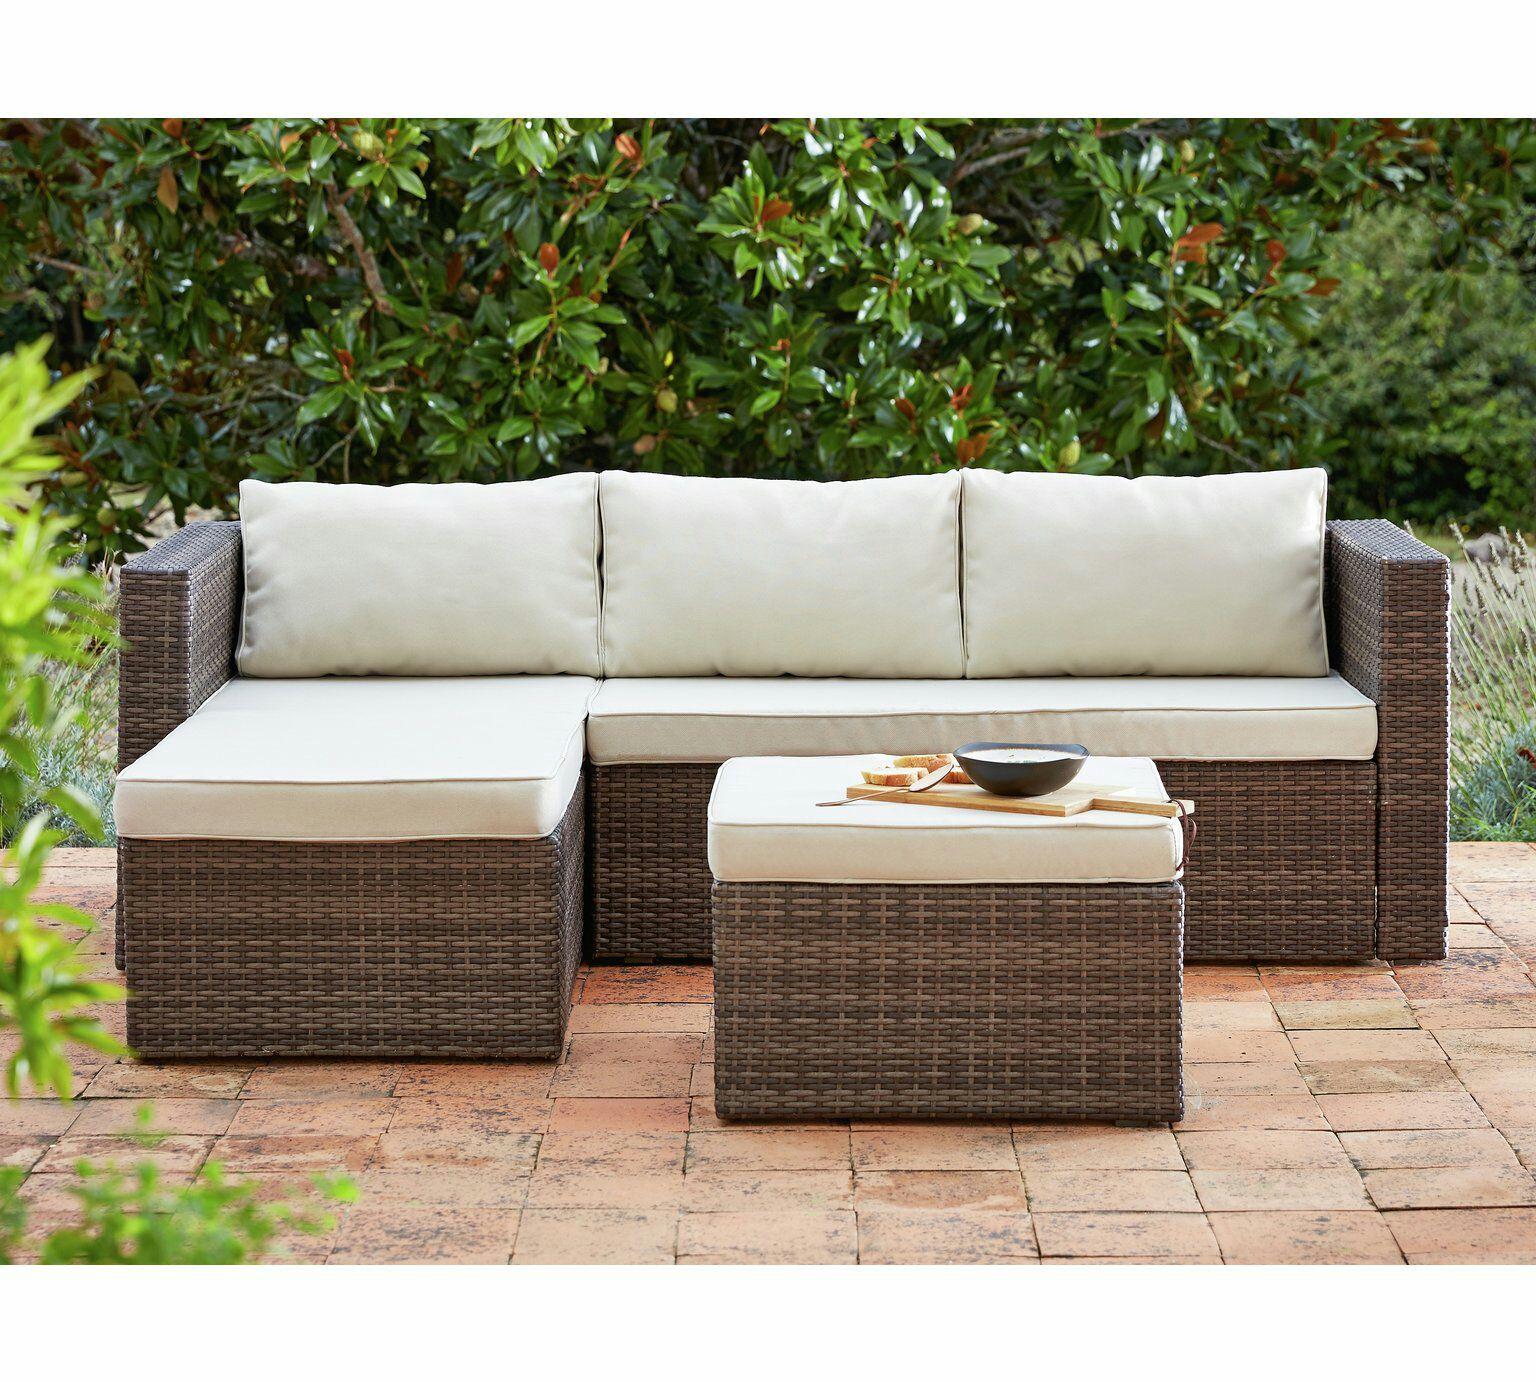 Rattan Garden Furniture Deals Cheap Price Best Sale In